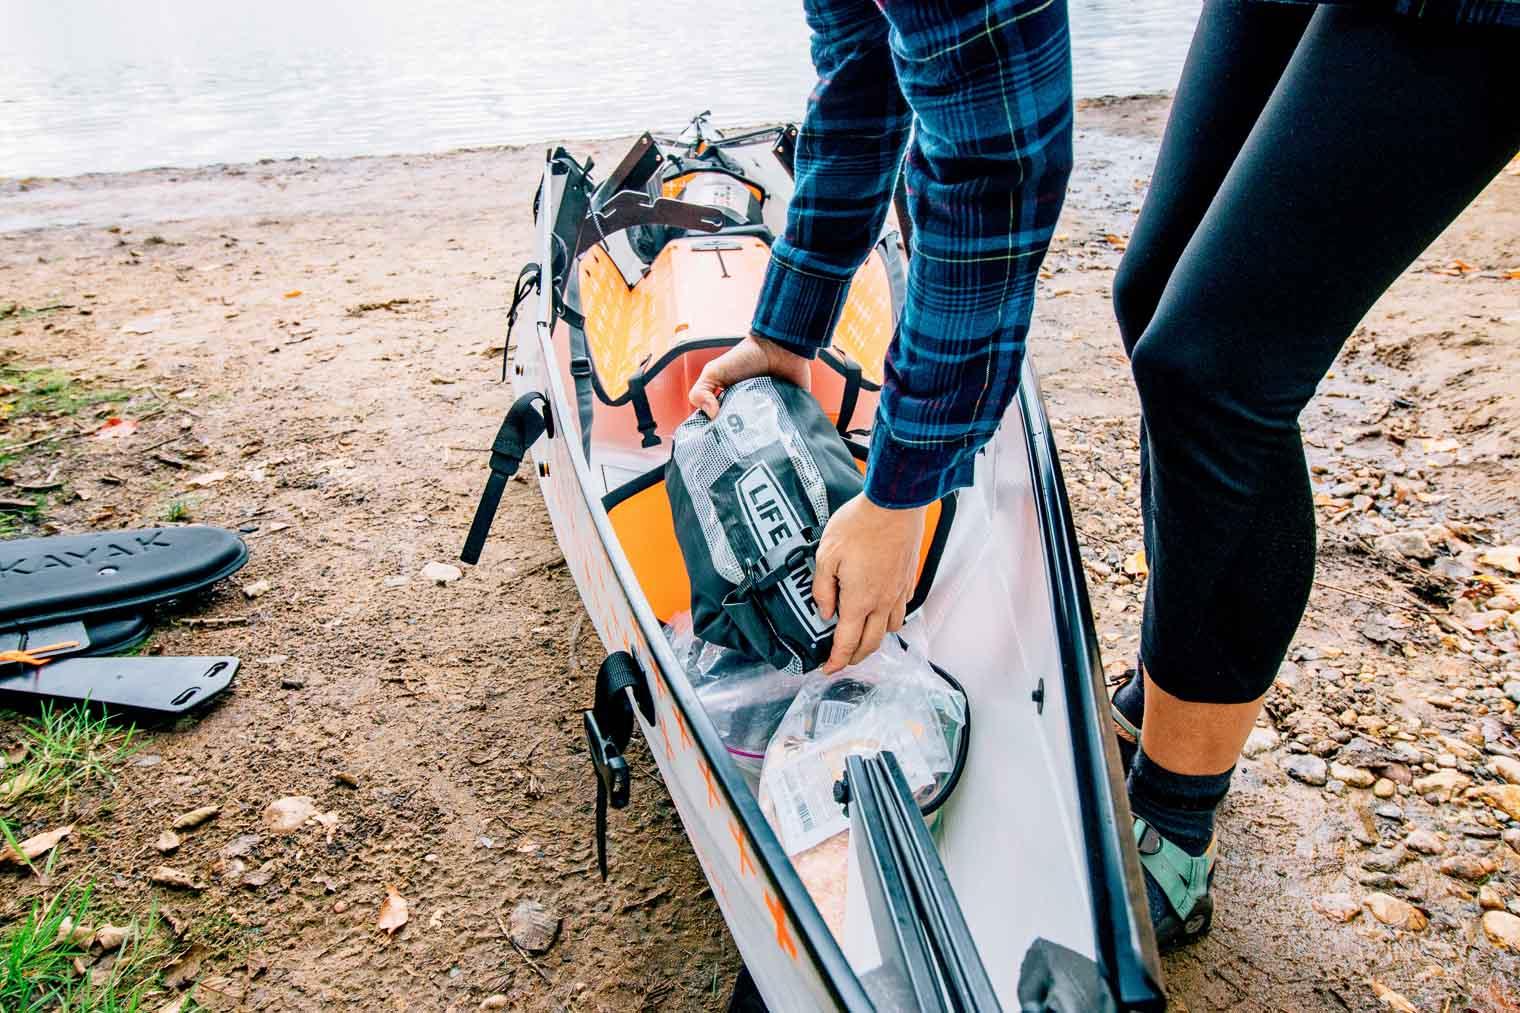 Kayak camping in the Adirondacks with Oru Kayak